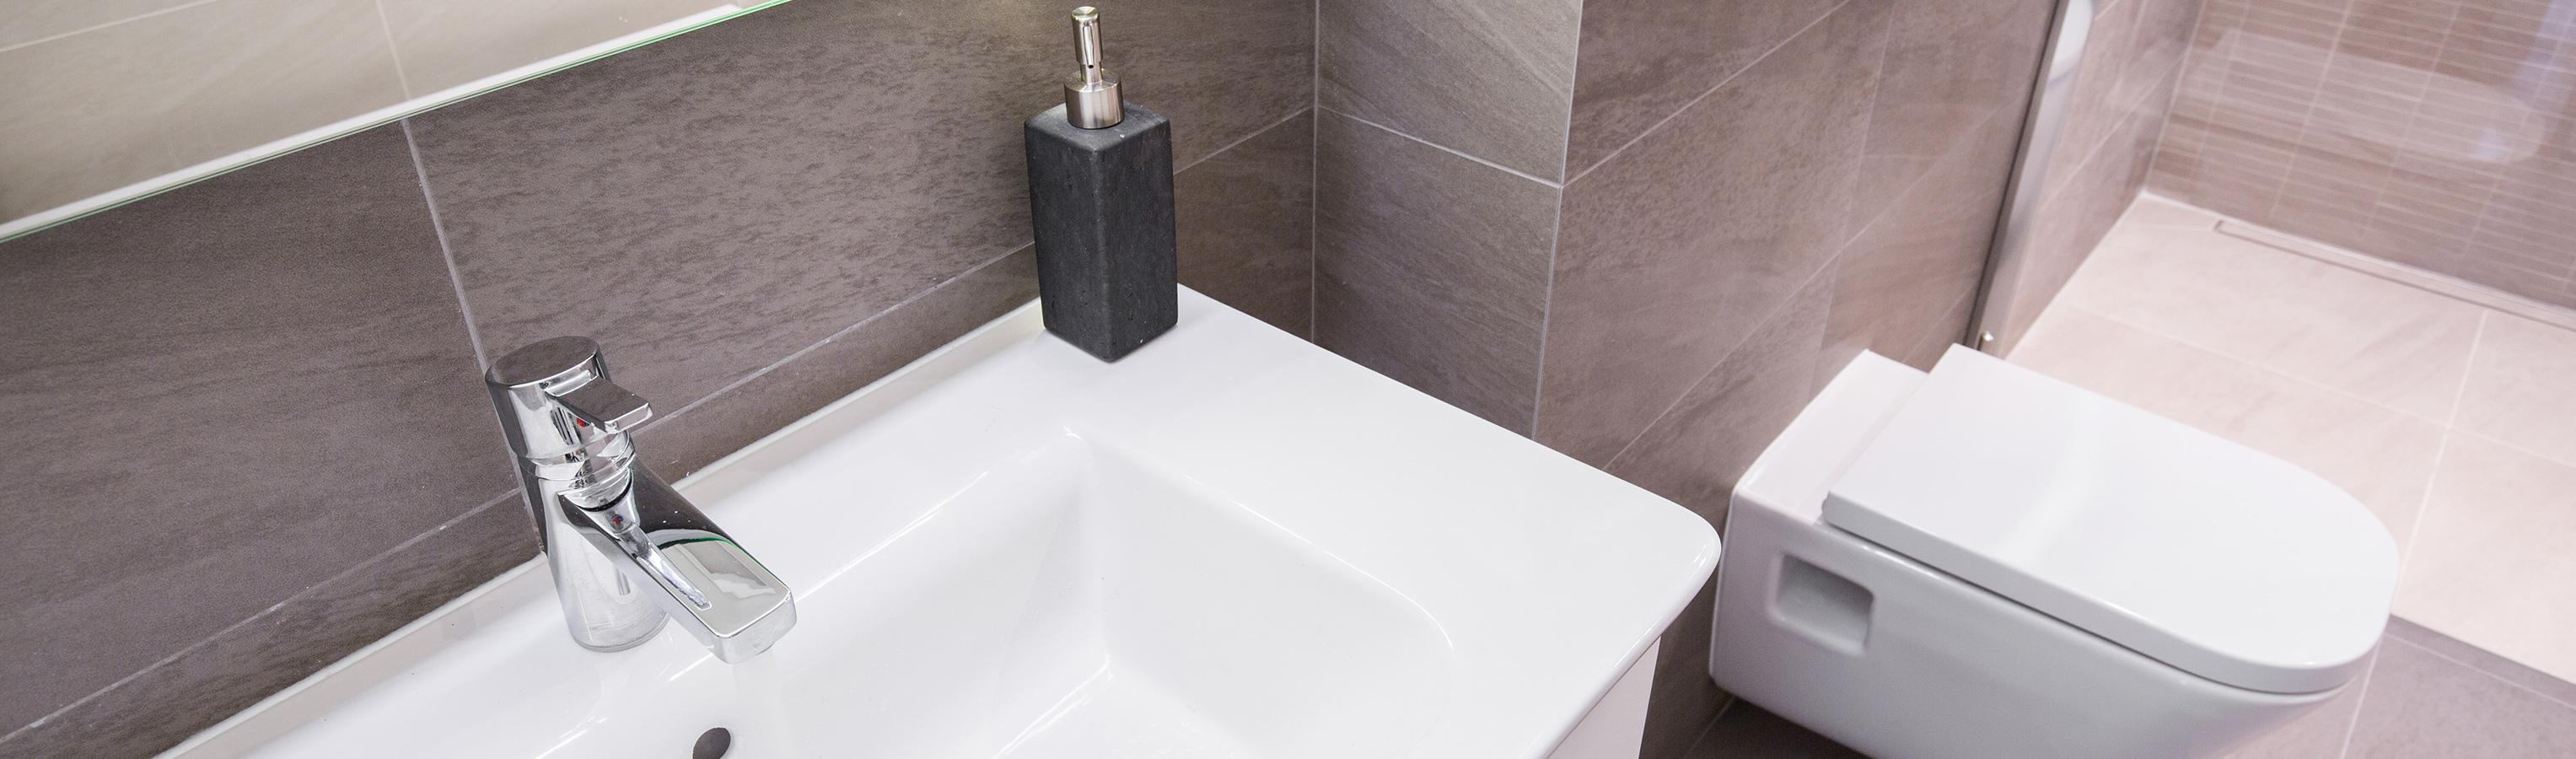 mitterer gmbh hanau moderne heiztechnik und sanit ranlagen. Black Bedroom Furniture Sets. Home Design Ideas